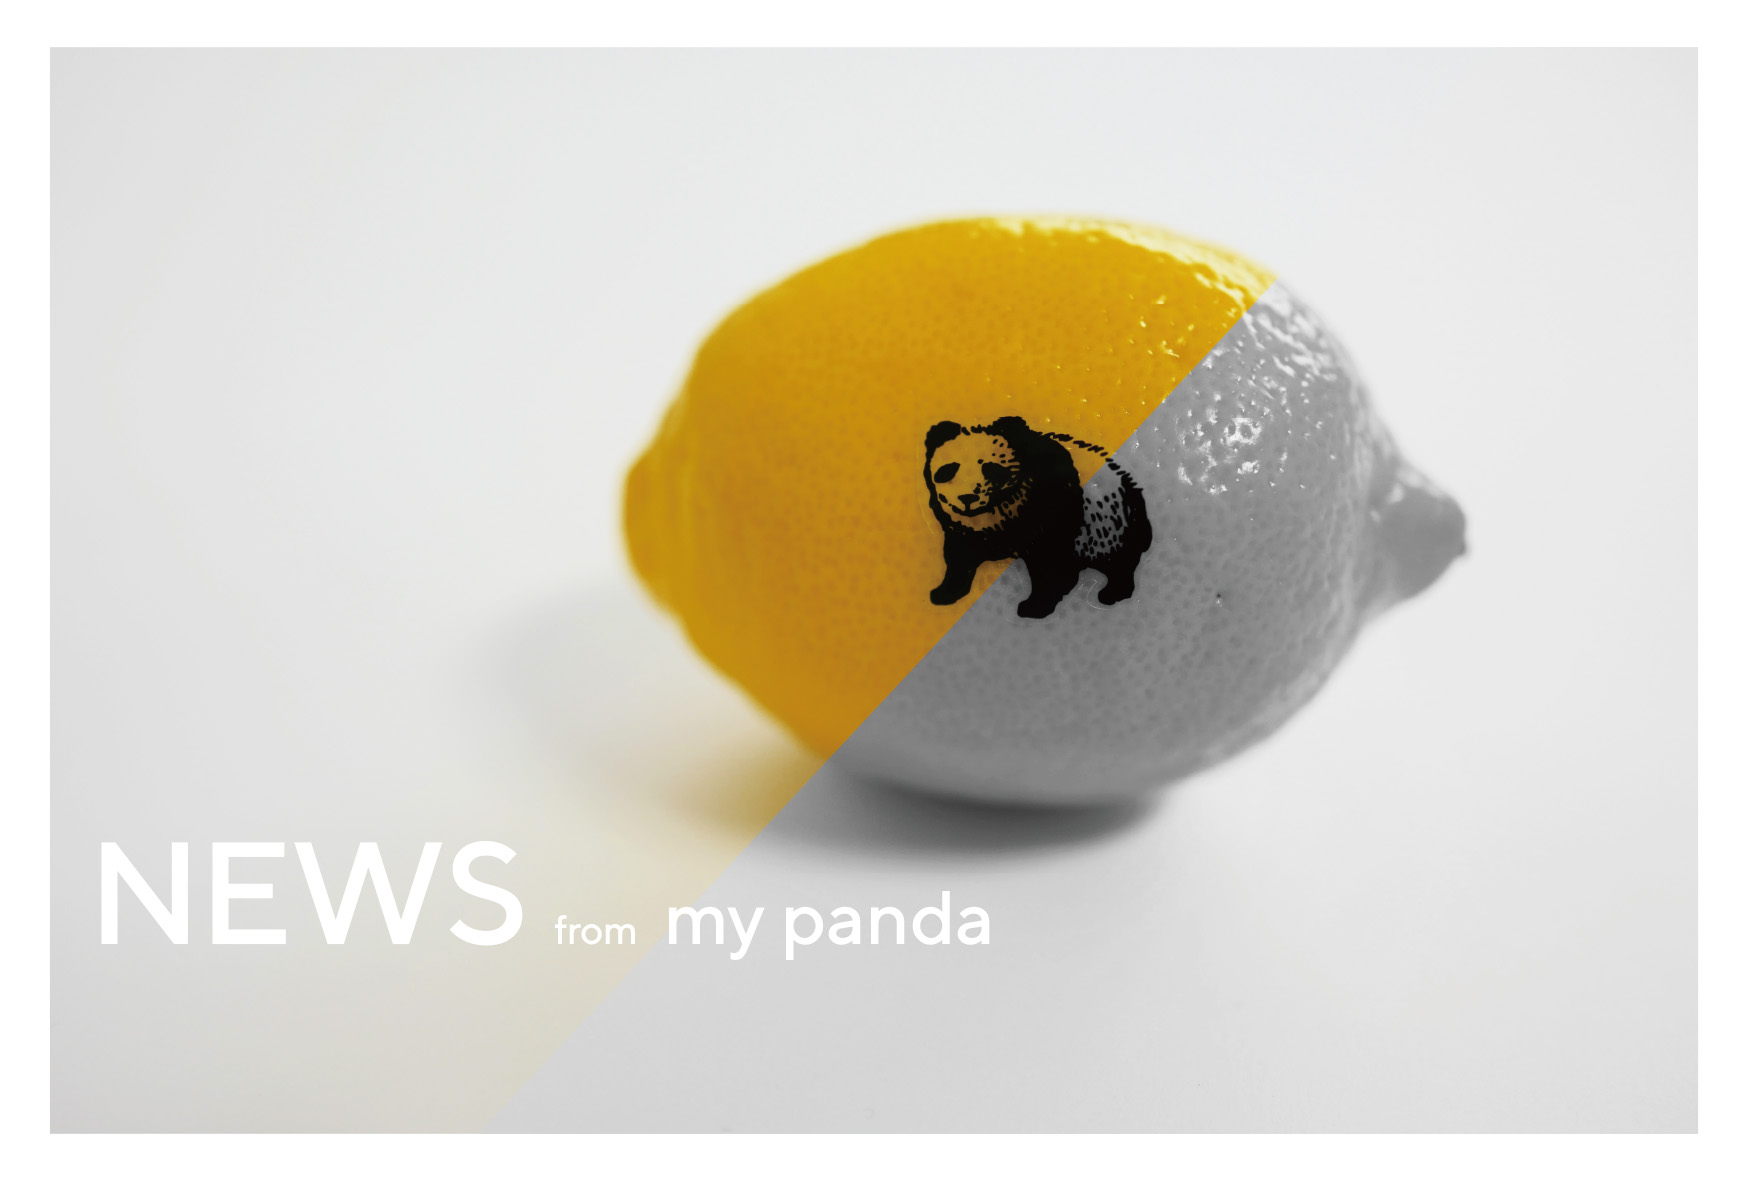 パンダ会員 登録開始のお知らせ